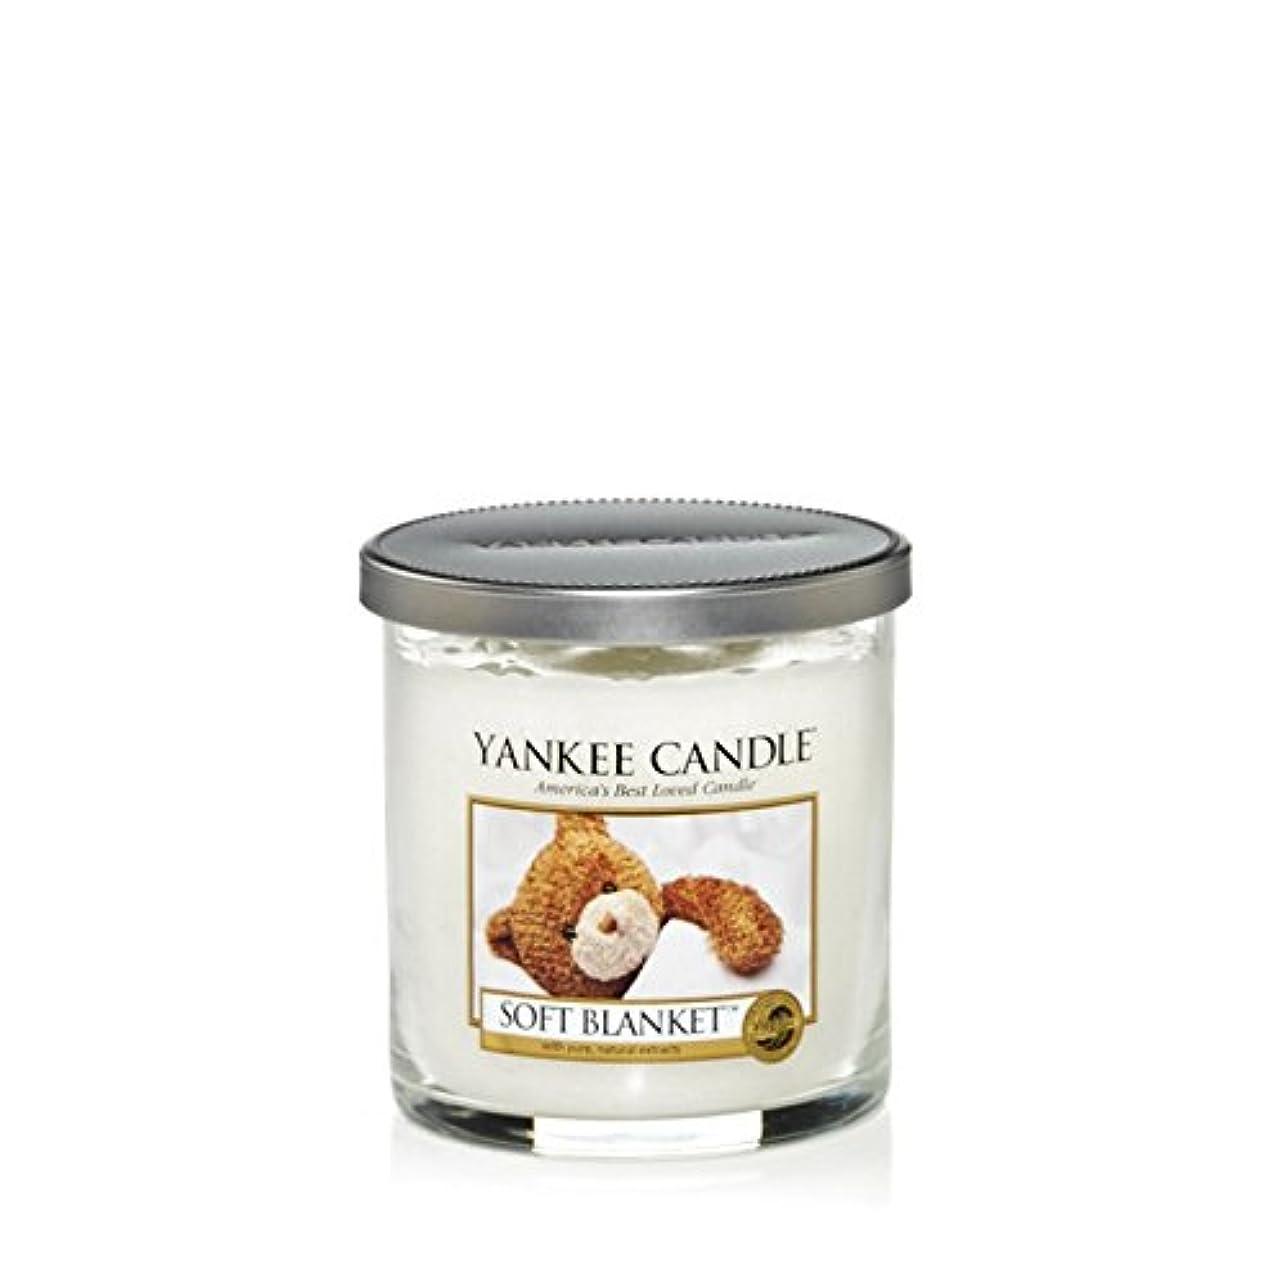 迫害がっかりするペンフレンドYankee Candles Small Pillar Candle - Soft Blanket (Pack of 2) - ヤンキーキャンドルの小さな柱キャンドル - ソフト毛布 (x2) [並行輸入品]